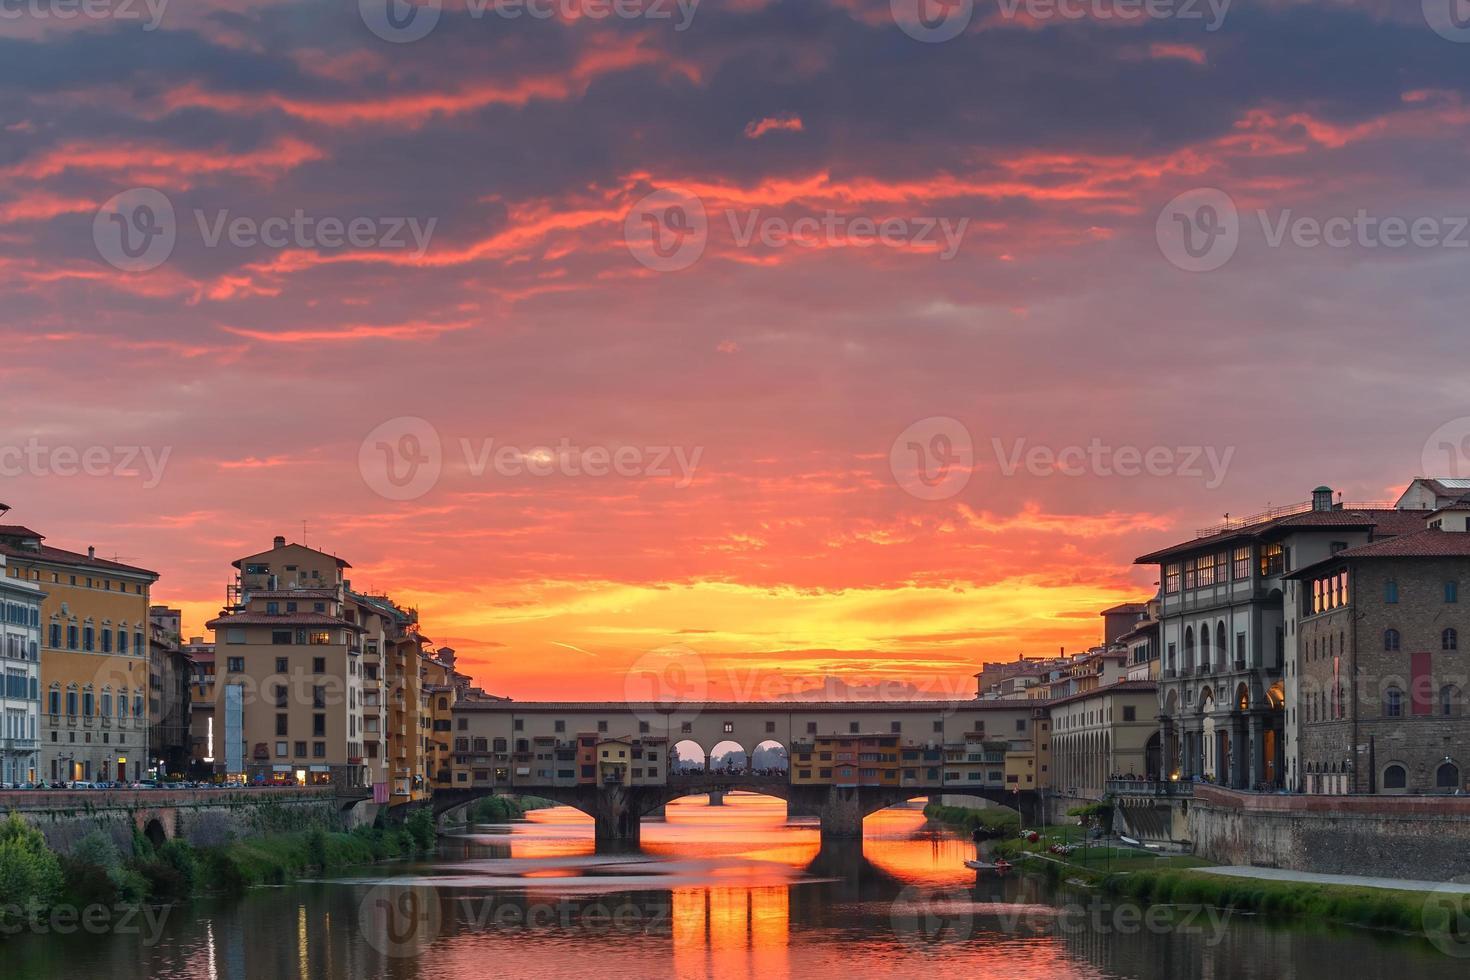 arno e ponte vecchio ao pôr do sol, Florença, Itália foto